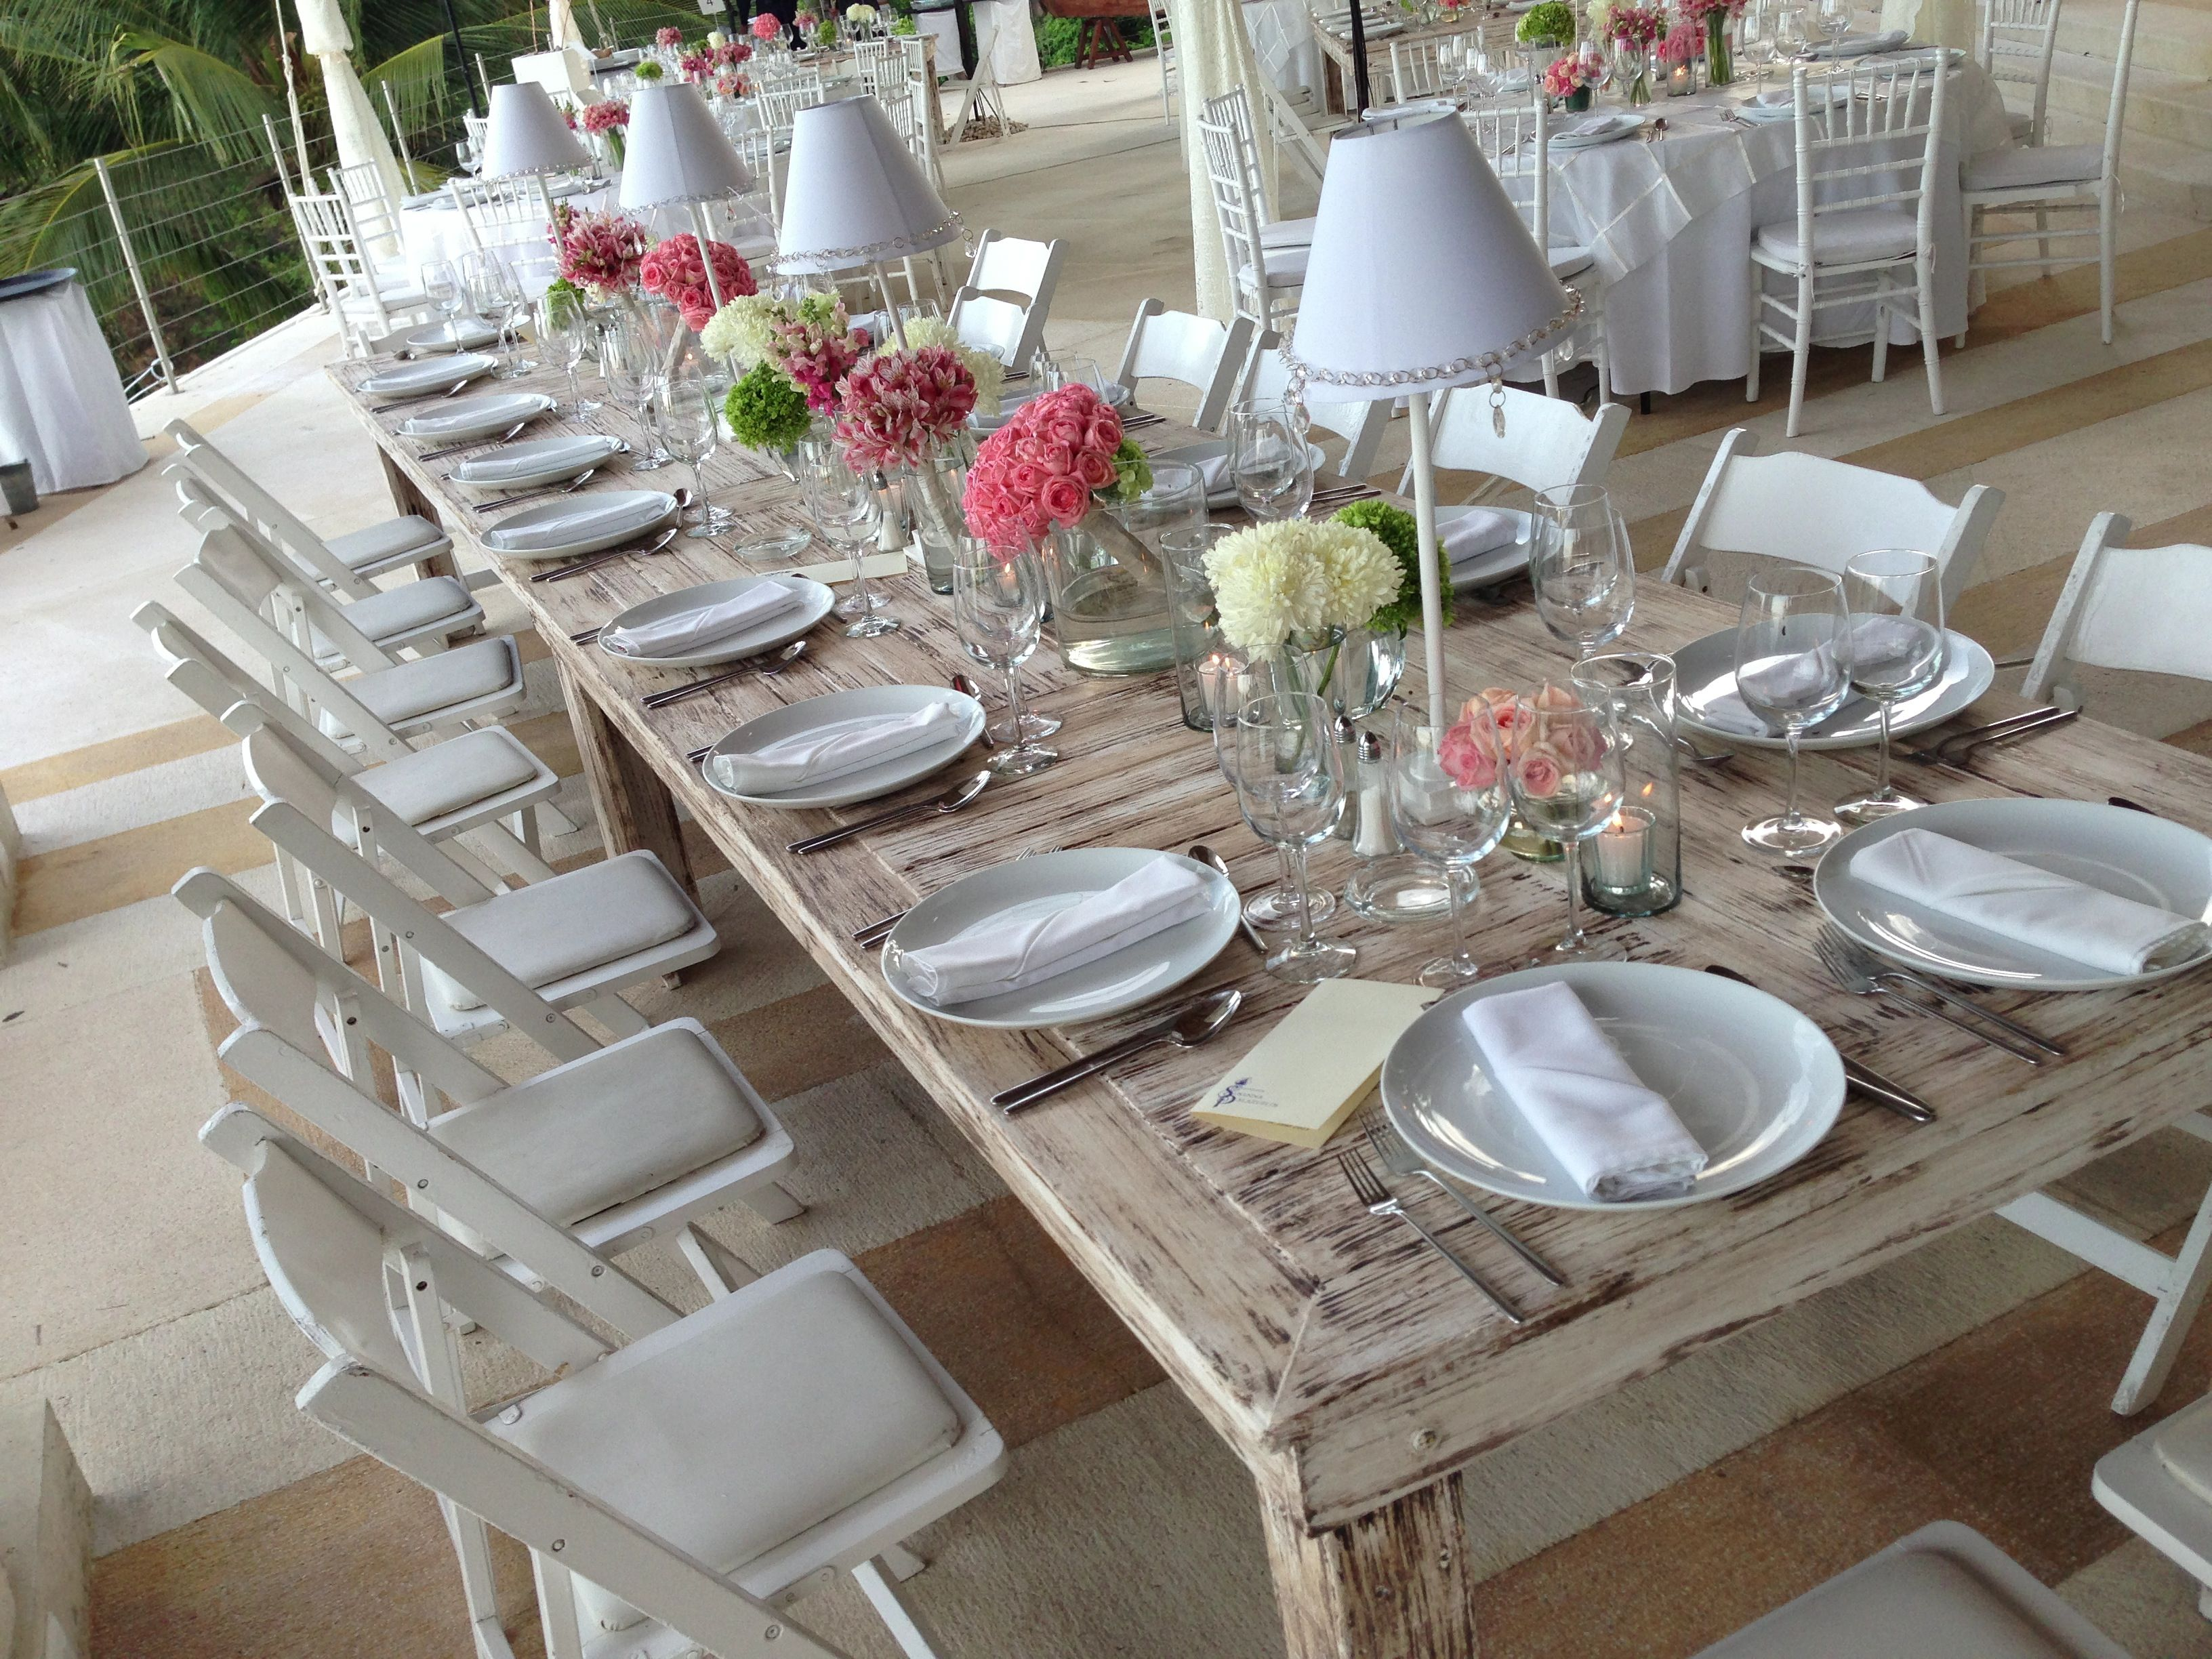 Mesa blanca de madera con l mparas acapulco renta pinterest mesitas blancas acapulco y madera - Mesa blanca y madera ...